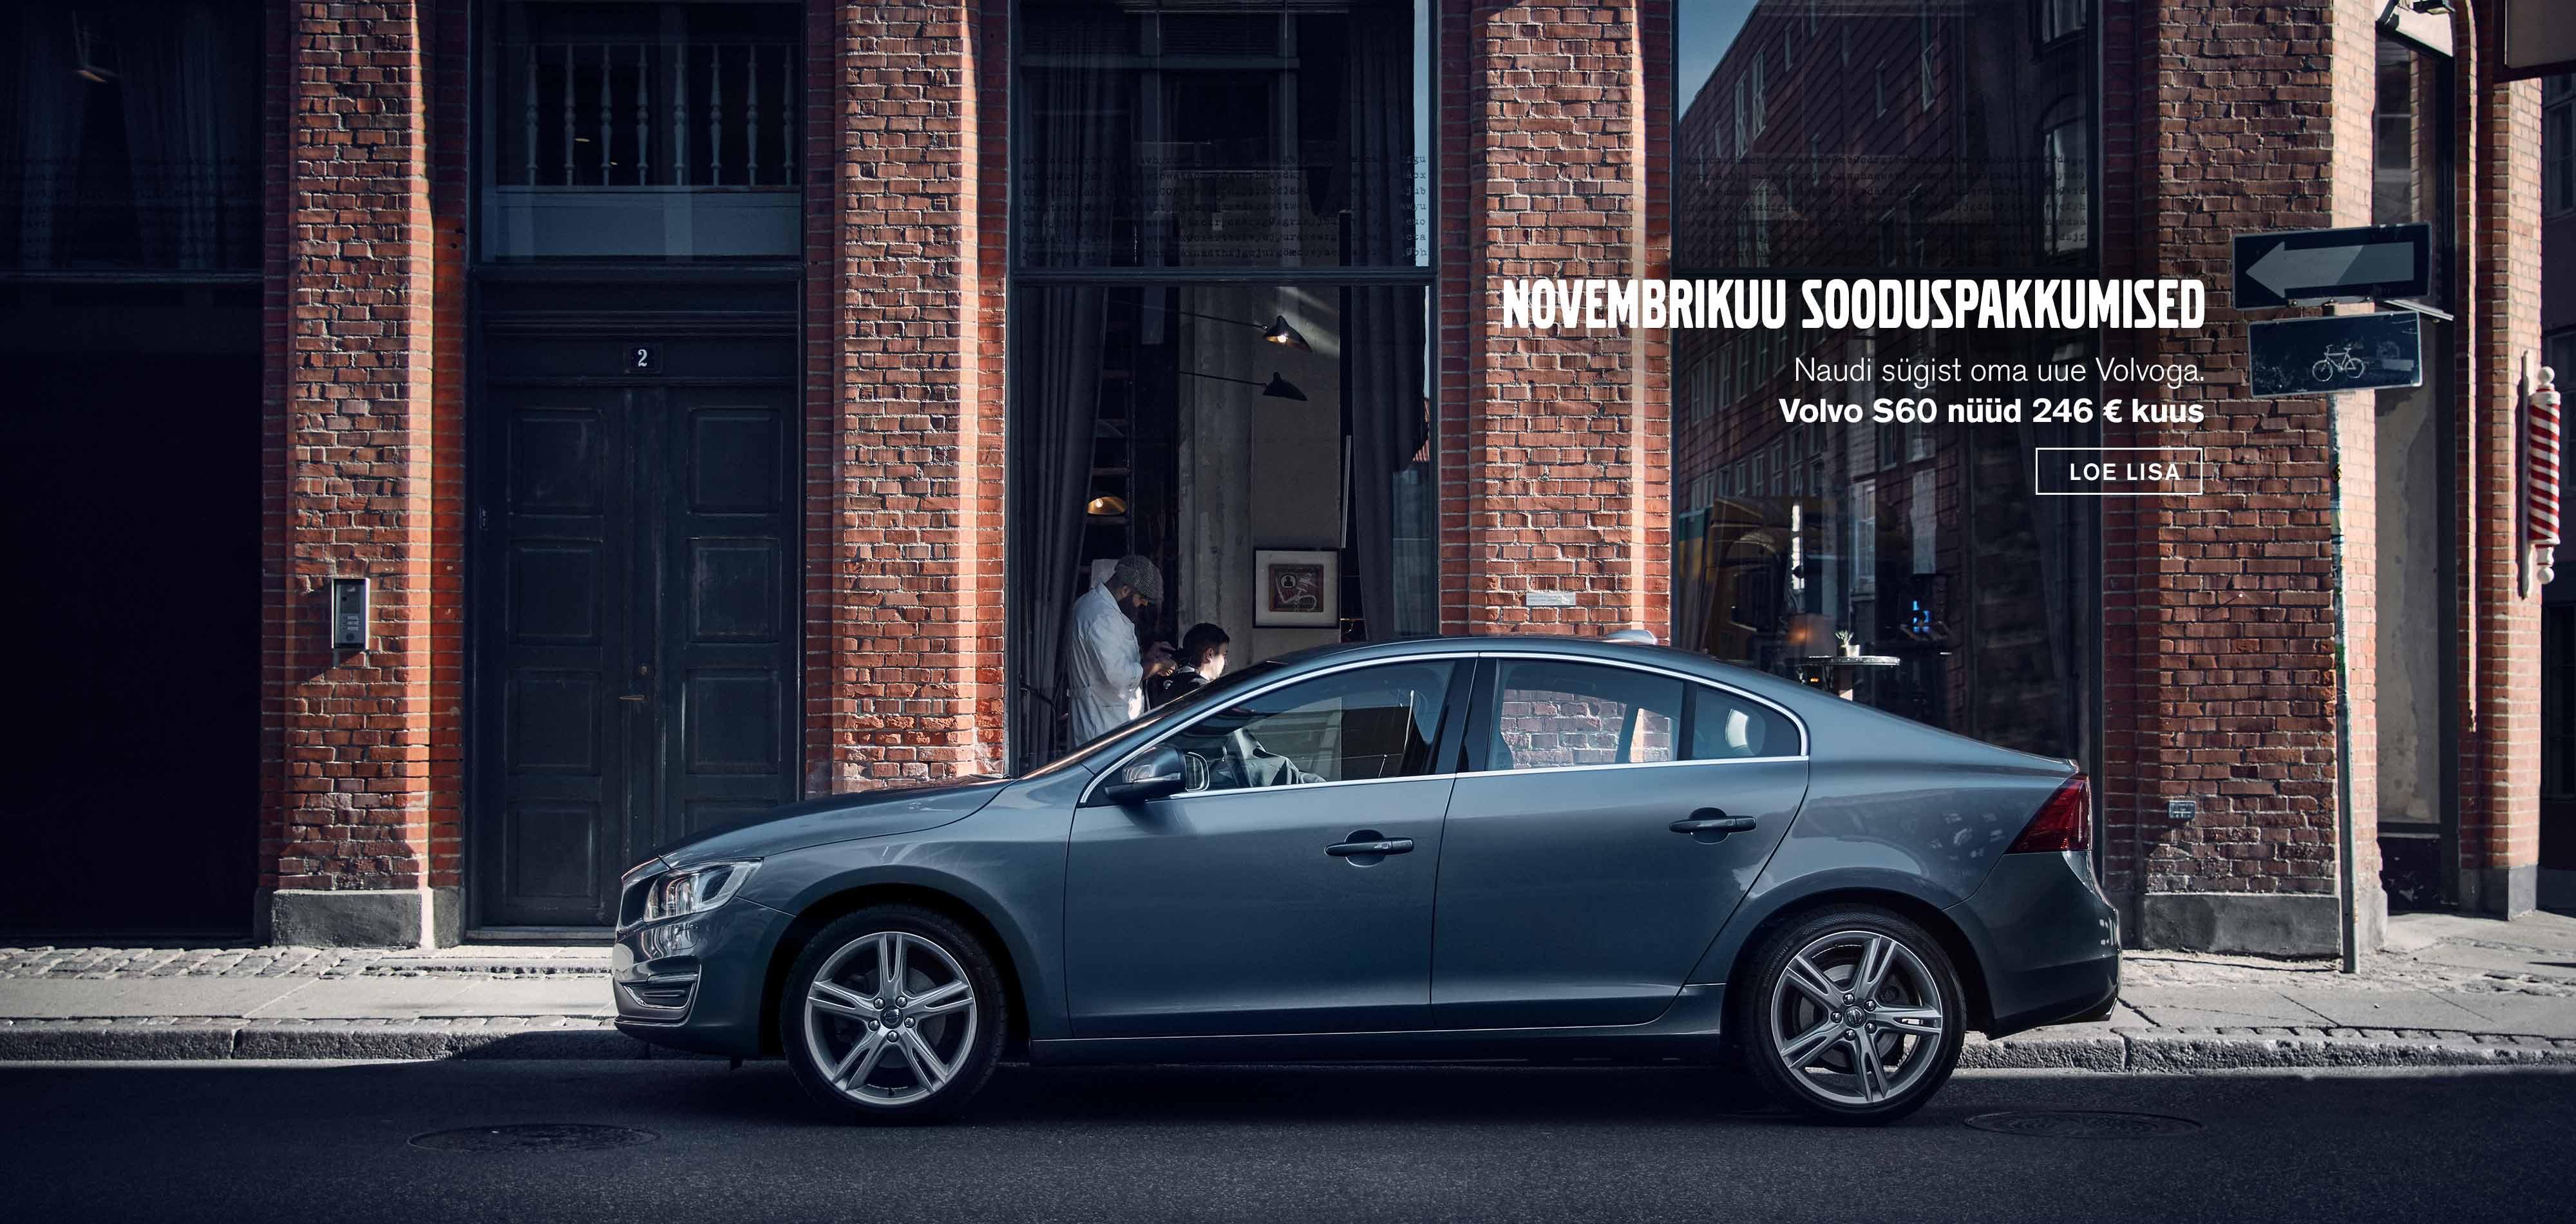 Volvo S60 novembrikuu sooduspakkumised